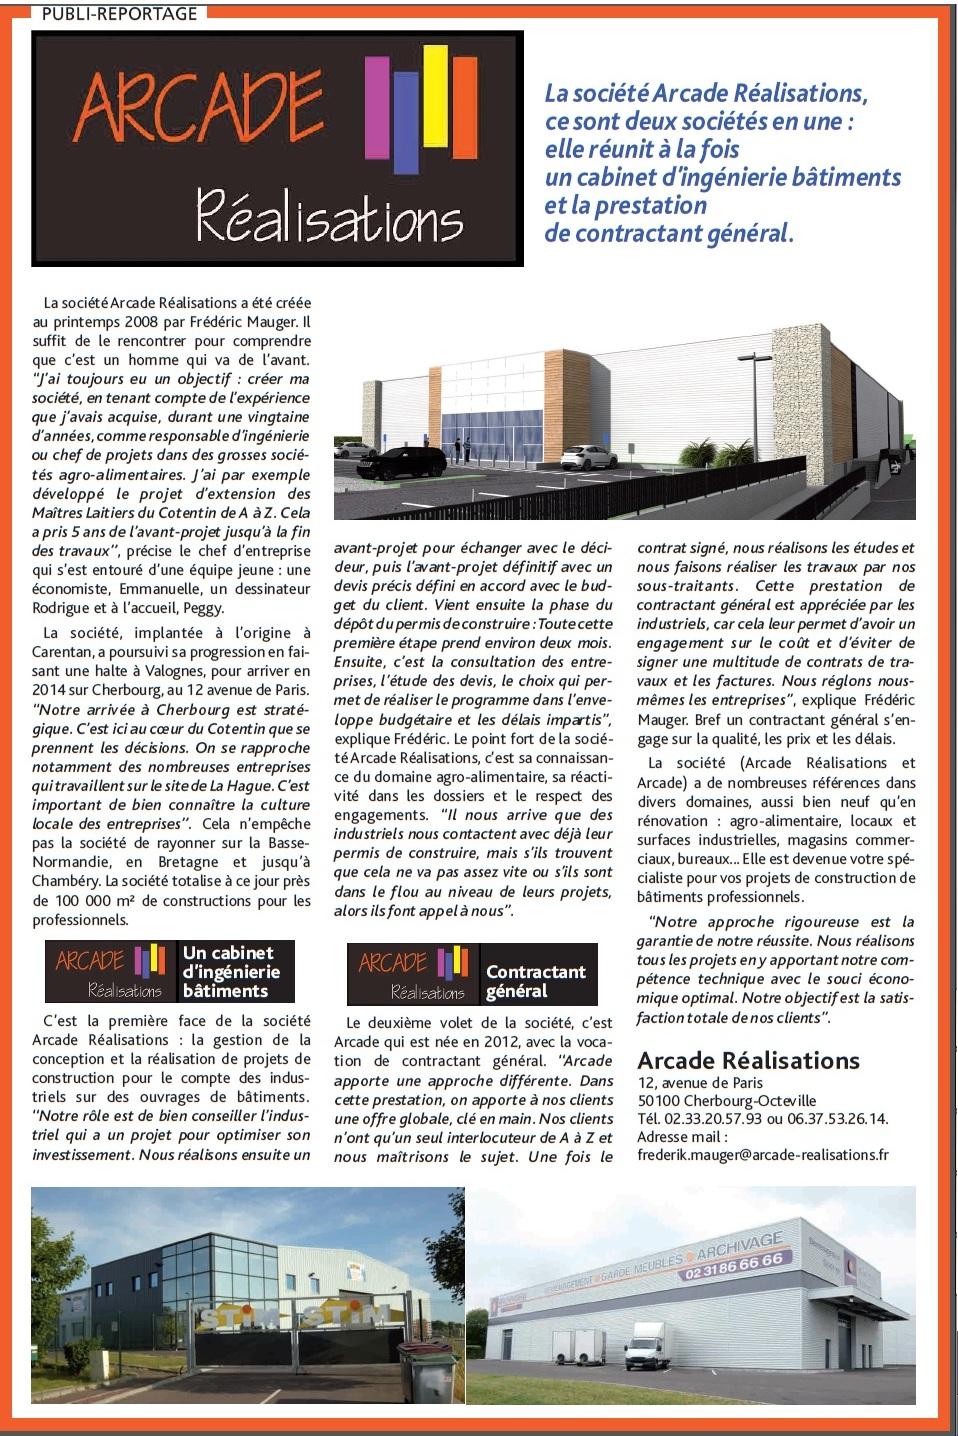 Article de presse arcade r alisations - Bureau de change cherbourg ...